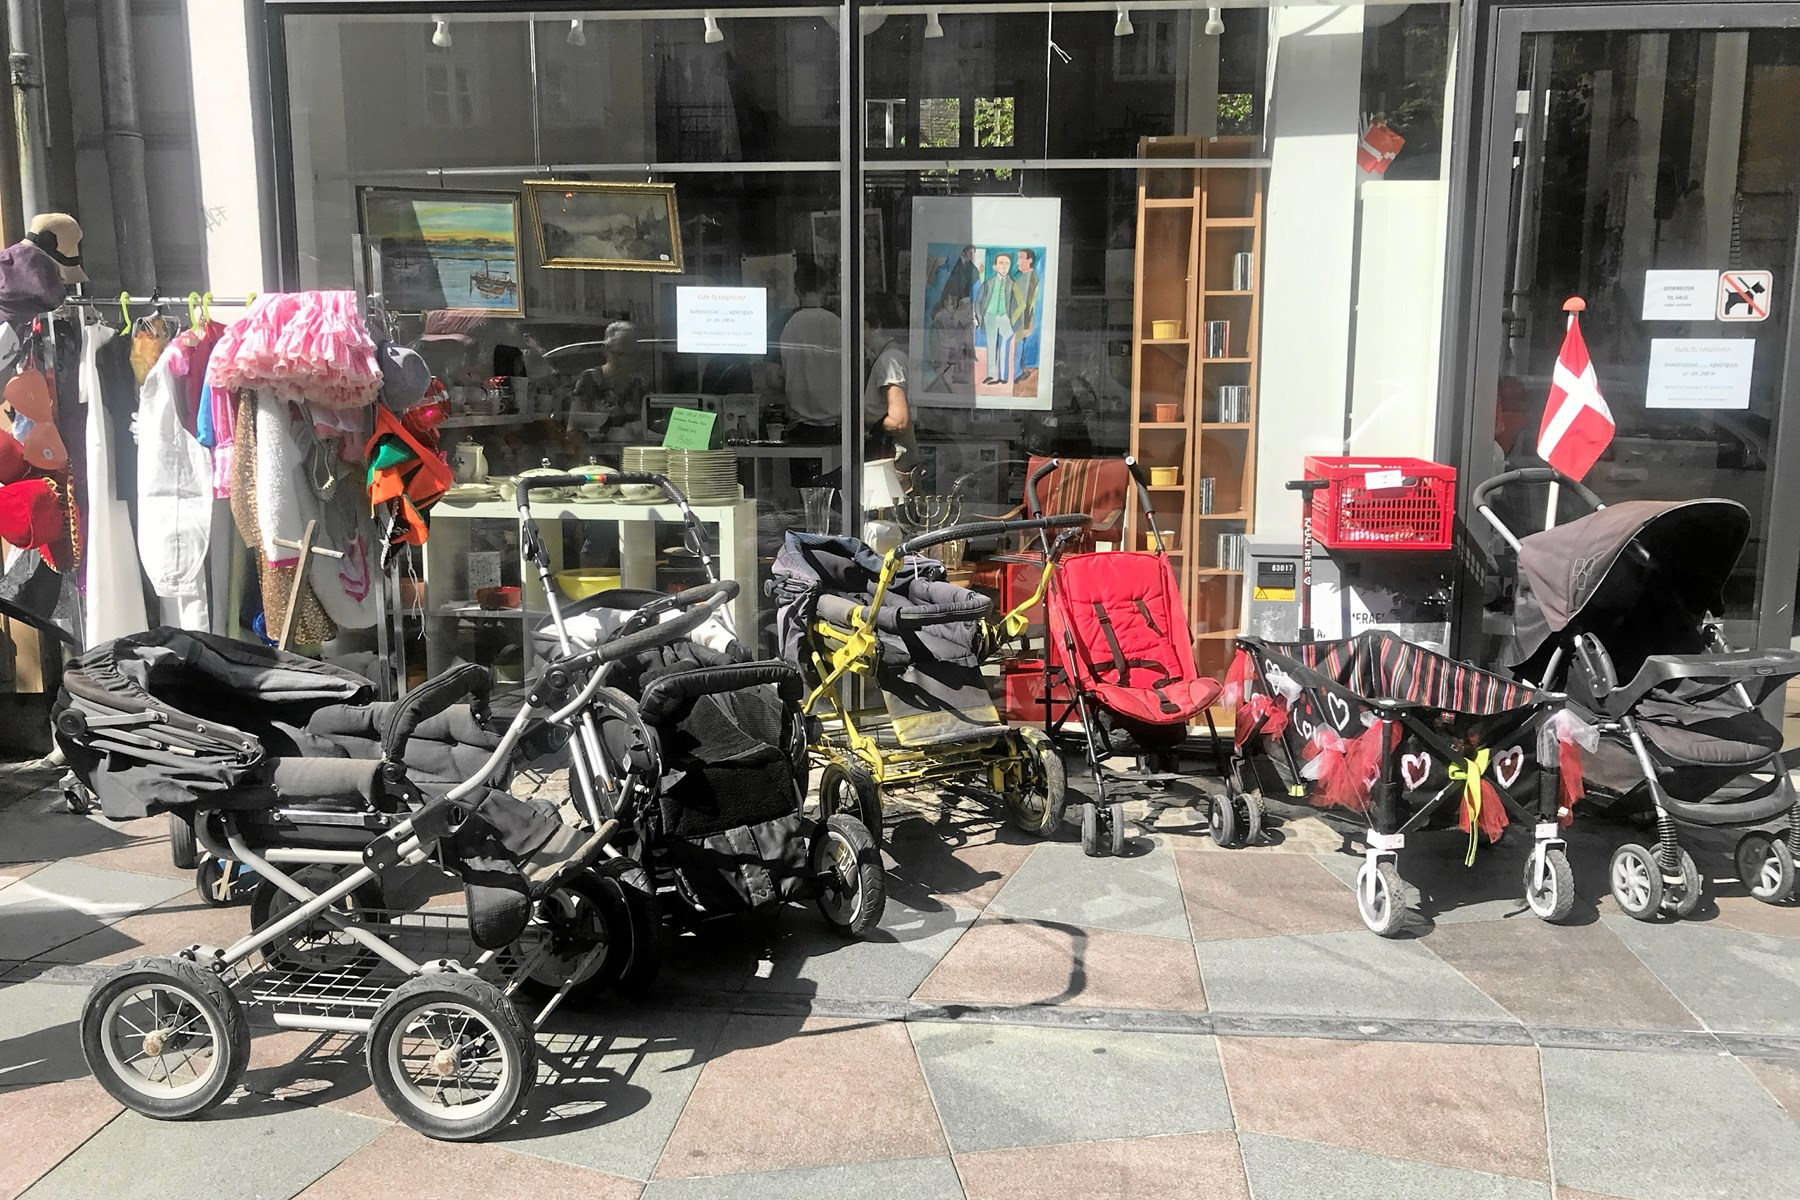 Genbrugsbutikken Kirkens Genbrug kunne byde på et godt udvalg af forskellige vogne til Karnevalsoptoget